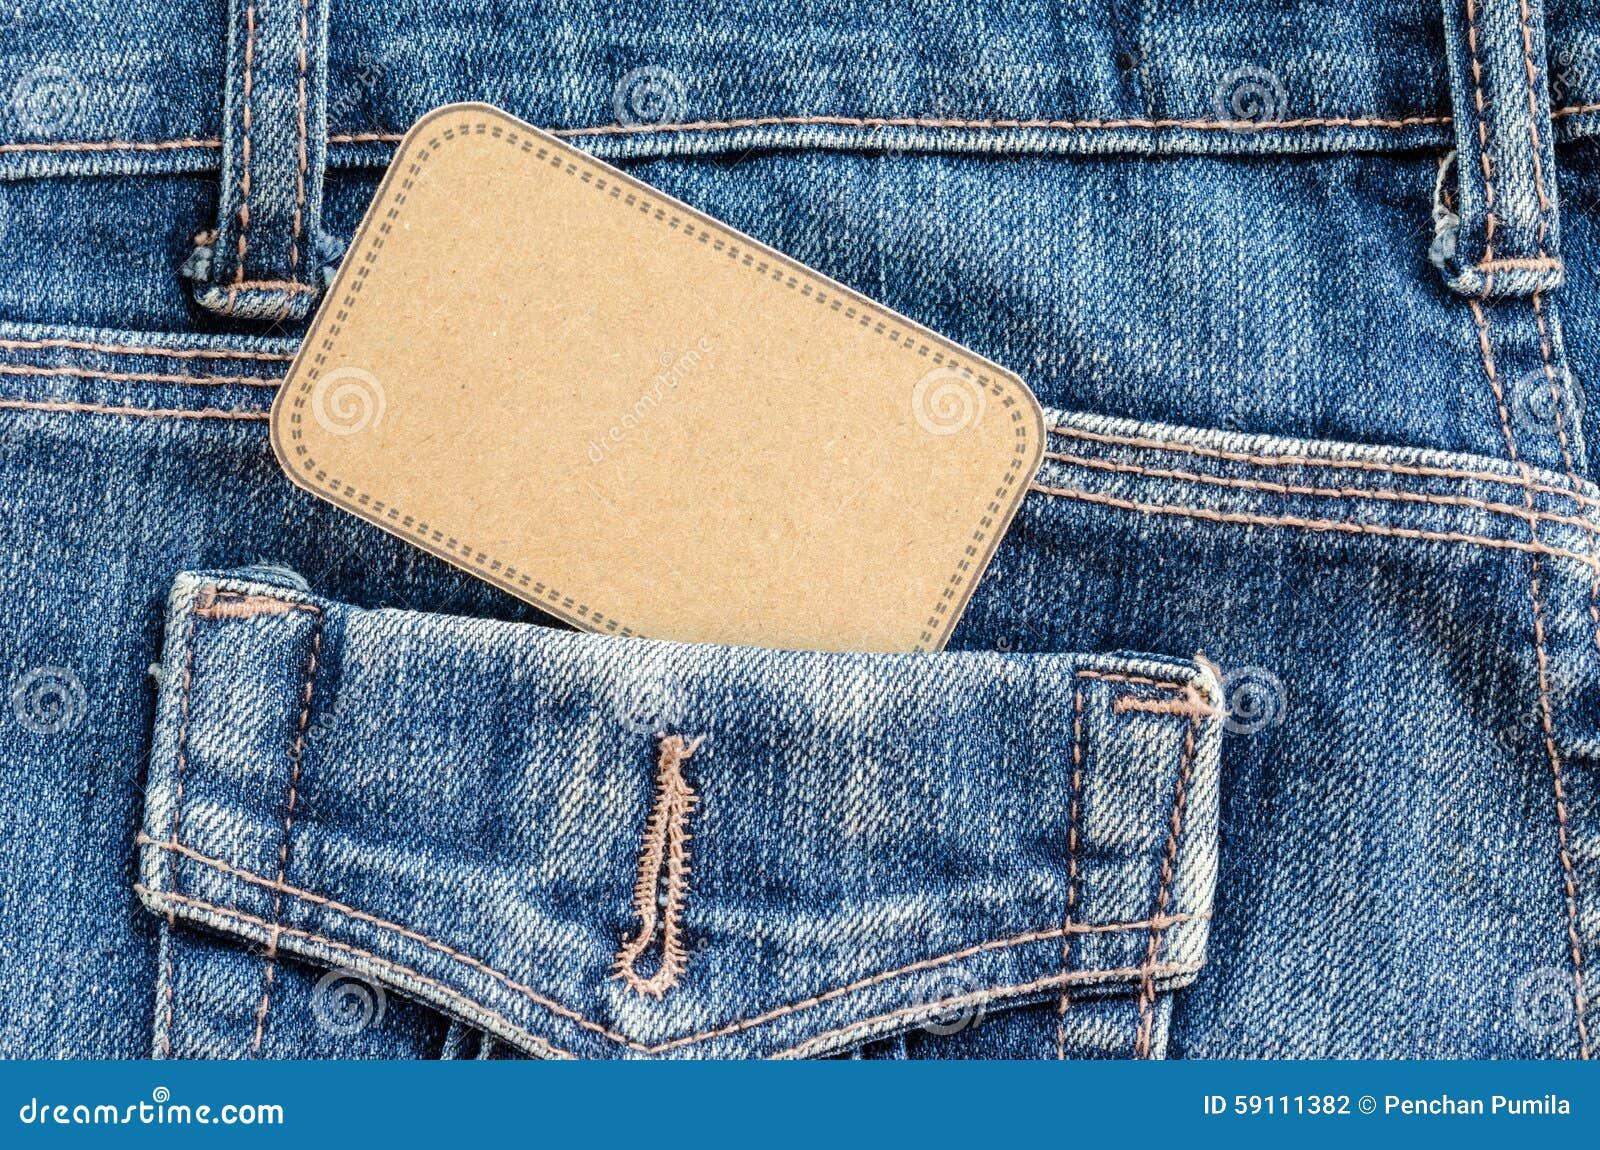 在口袋蓝色牛仔裤的标记价格